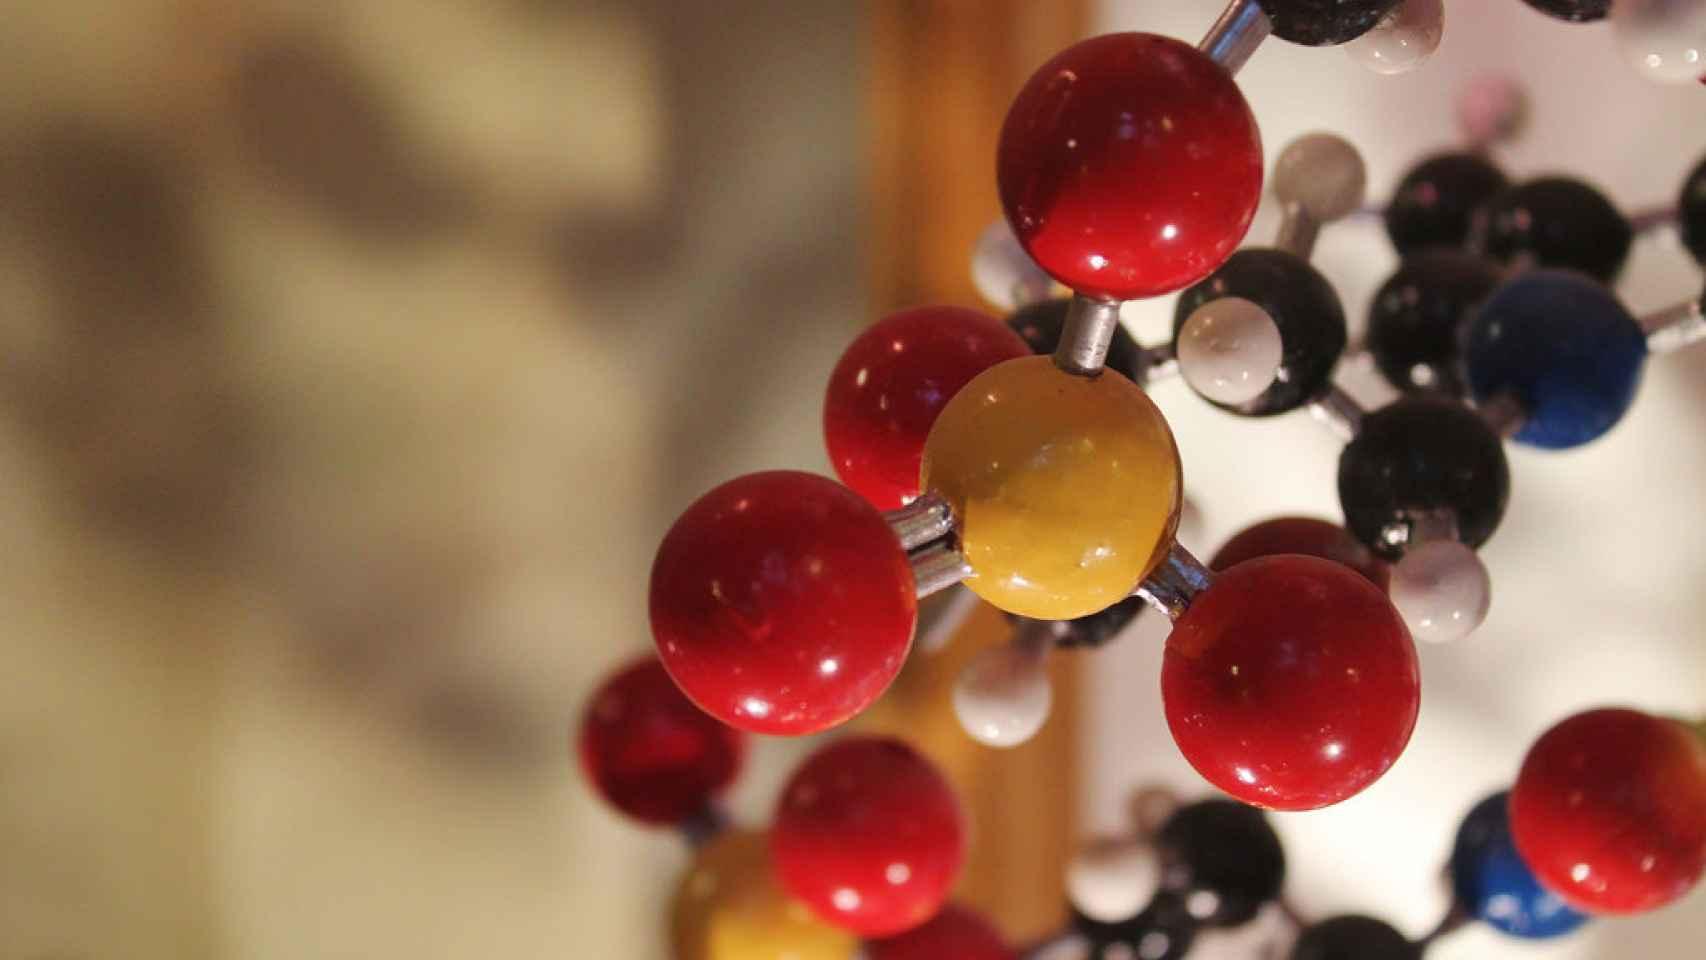 Los científicos Francis Crick y Maurice Wilkins se intercambiaron varias cartas incendiarias por sus investigaciones paralelas sobre el ADN.